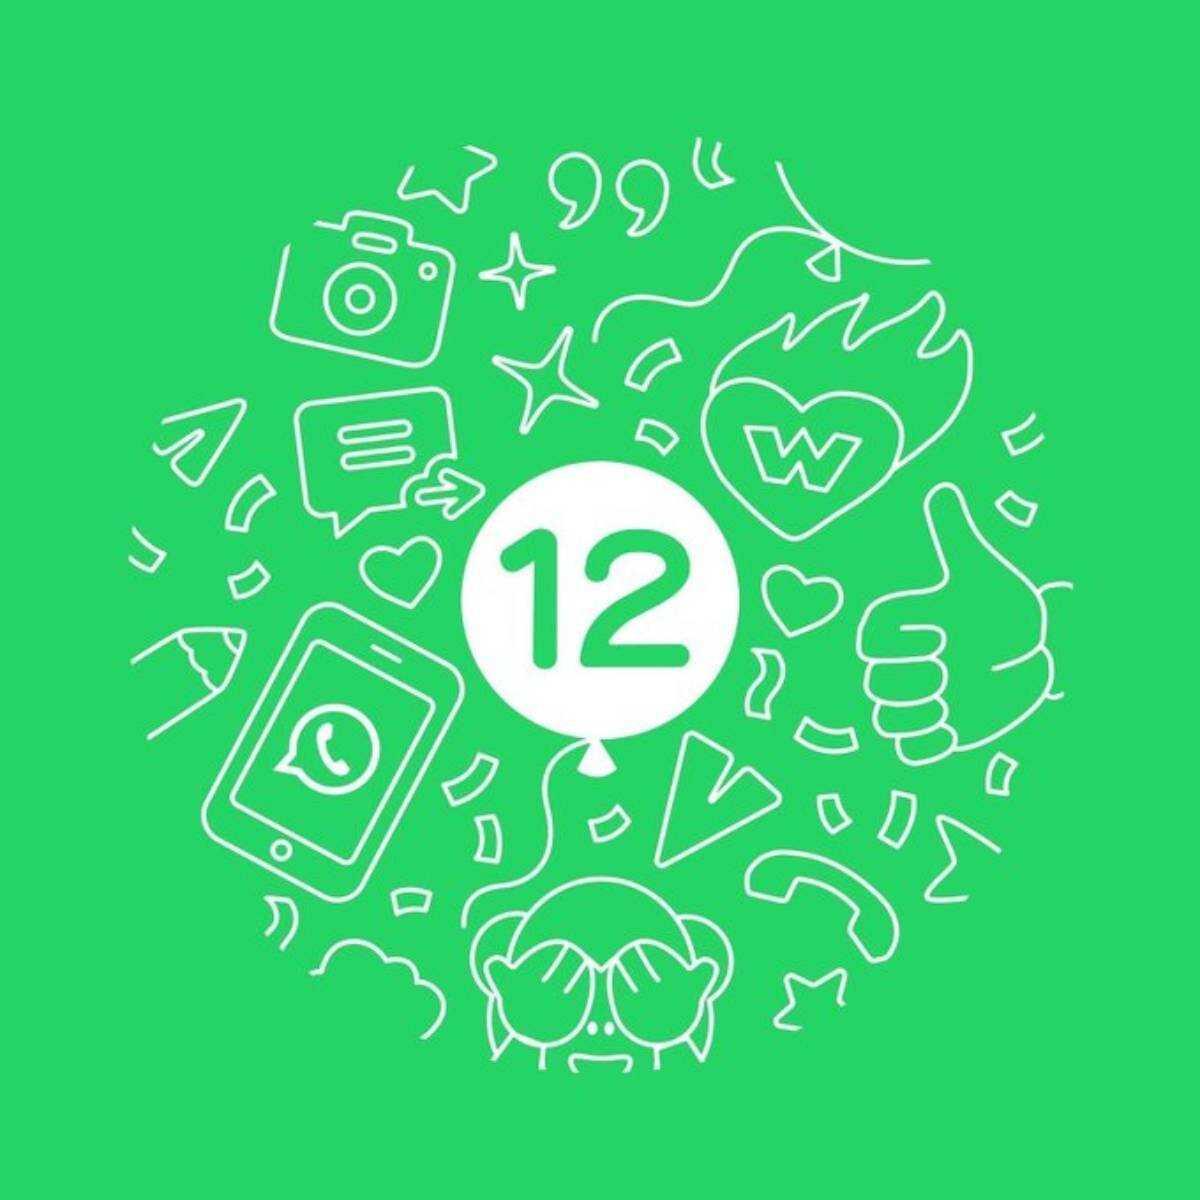 WhatsApp célèbre ses 12 ans d'existence en tant qu'application leader de sa catégorie